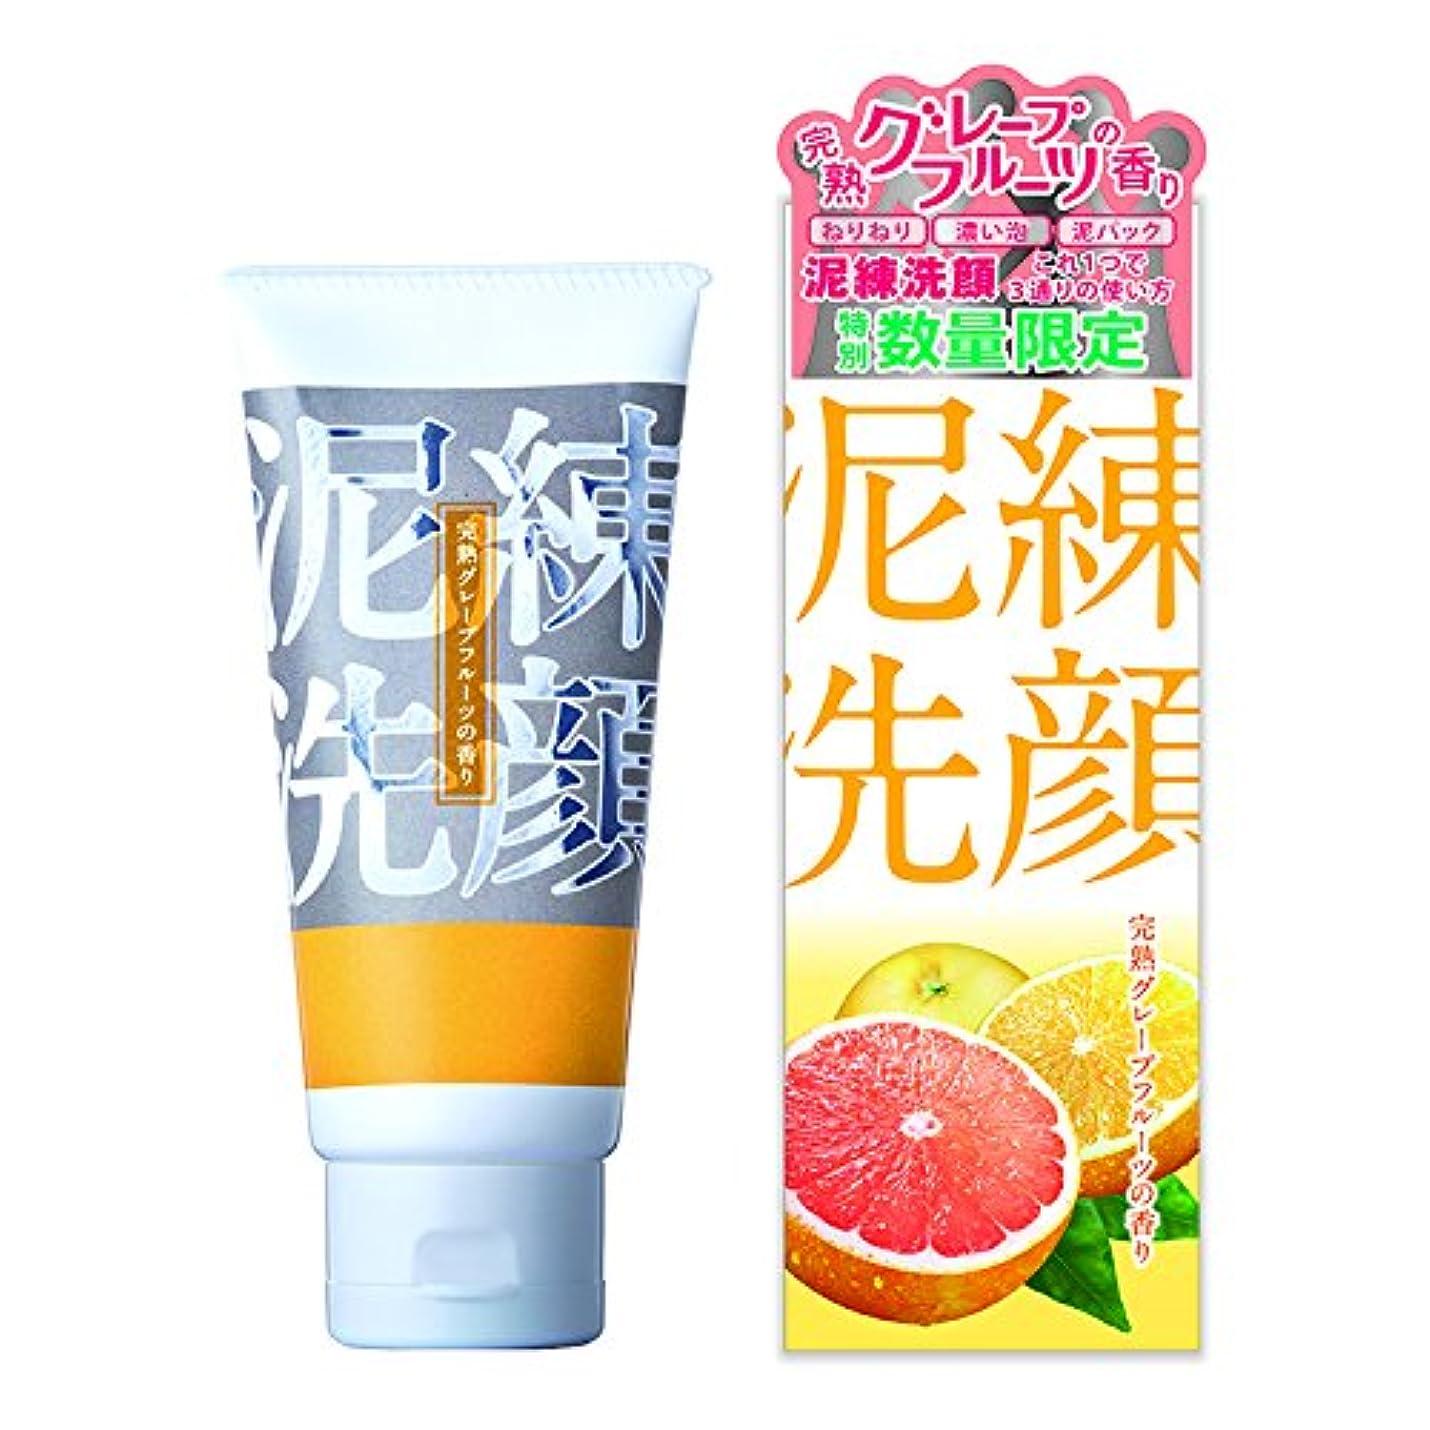 ソフトウェア応じるみがきます泥練洗顔 完熟グレープフルーツの香り 120g【泥 洗顔 6種の泥で 黒ずみ 毛穴 洗浄 3つの使い方】